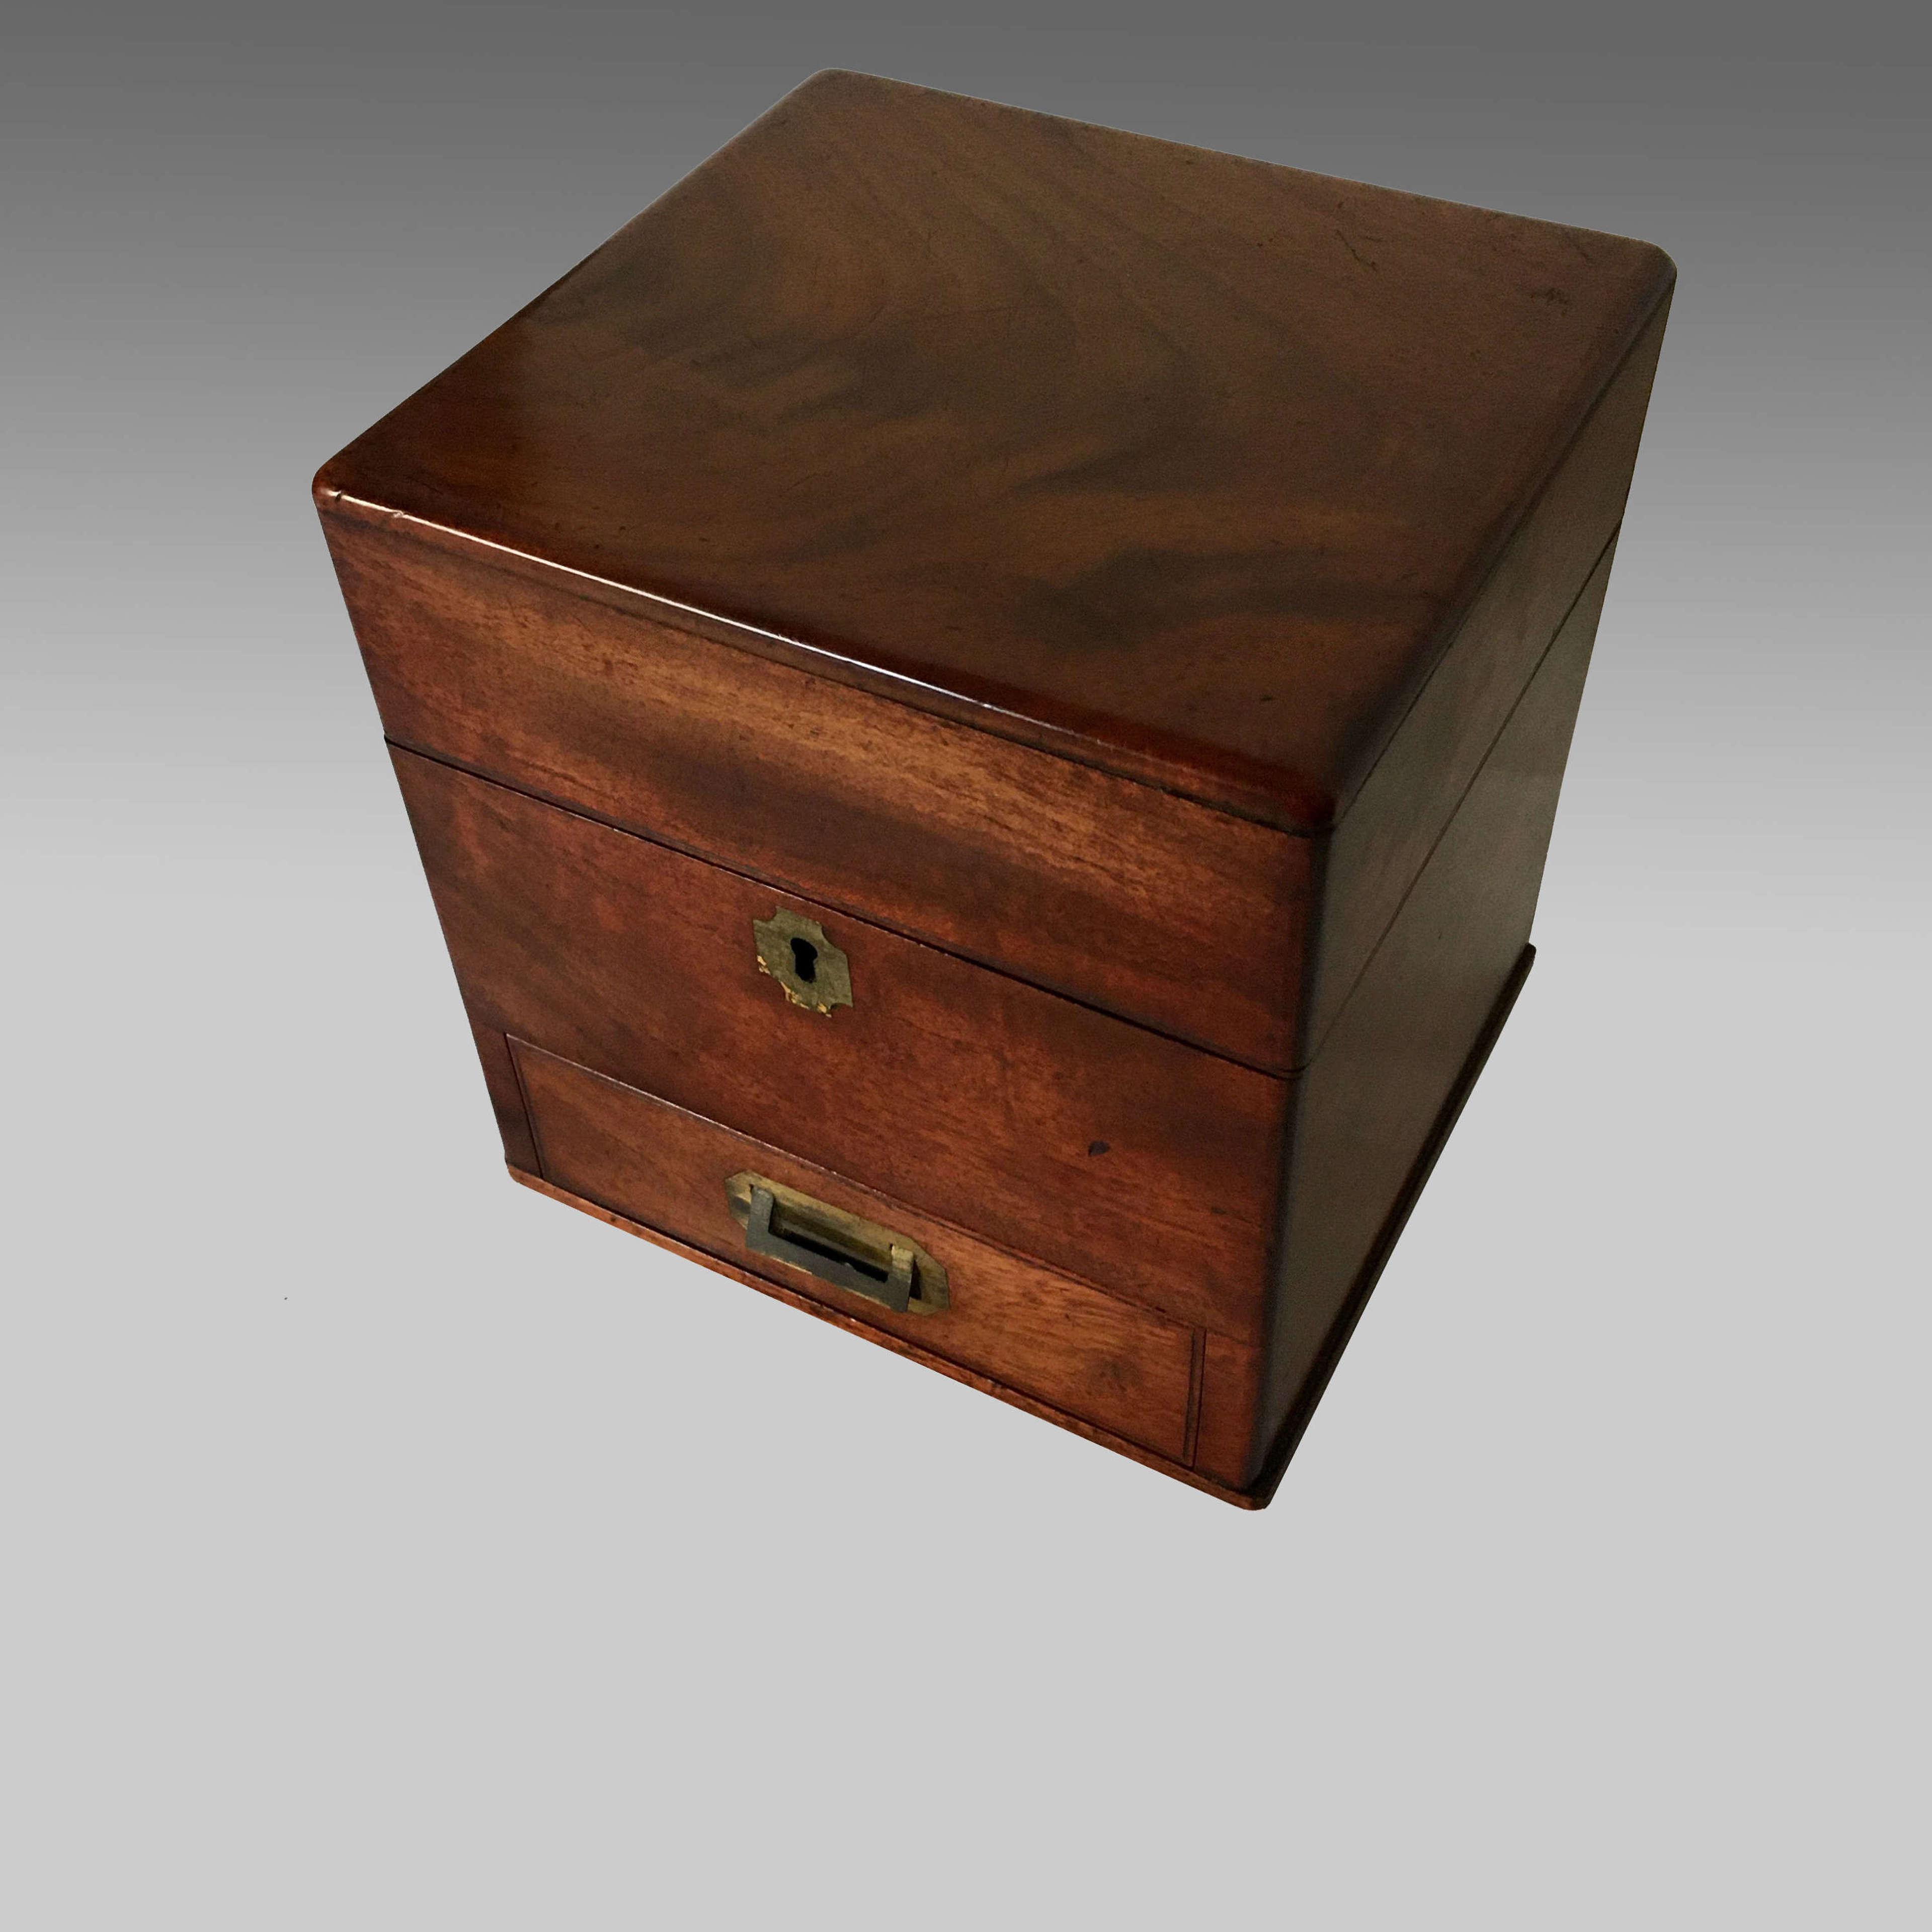 Georgian mahogany apothecary box